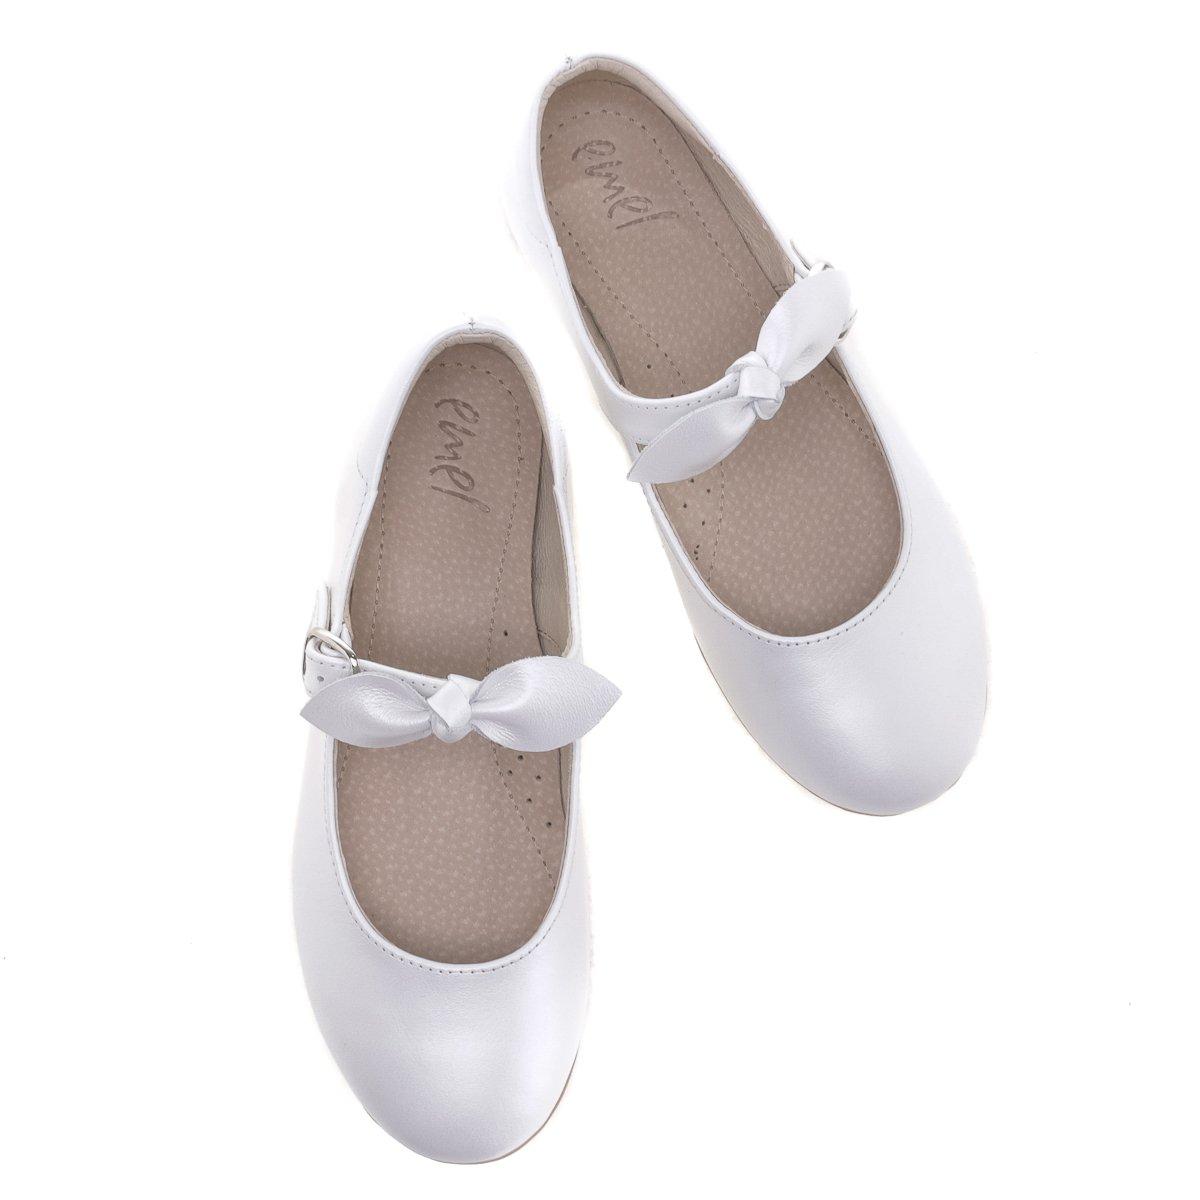 EMEL komunia baleriny dziecięce białe E2695